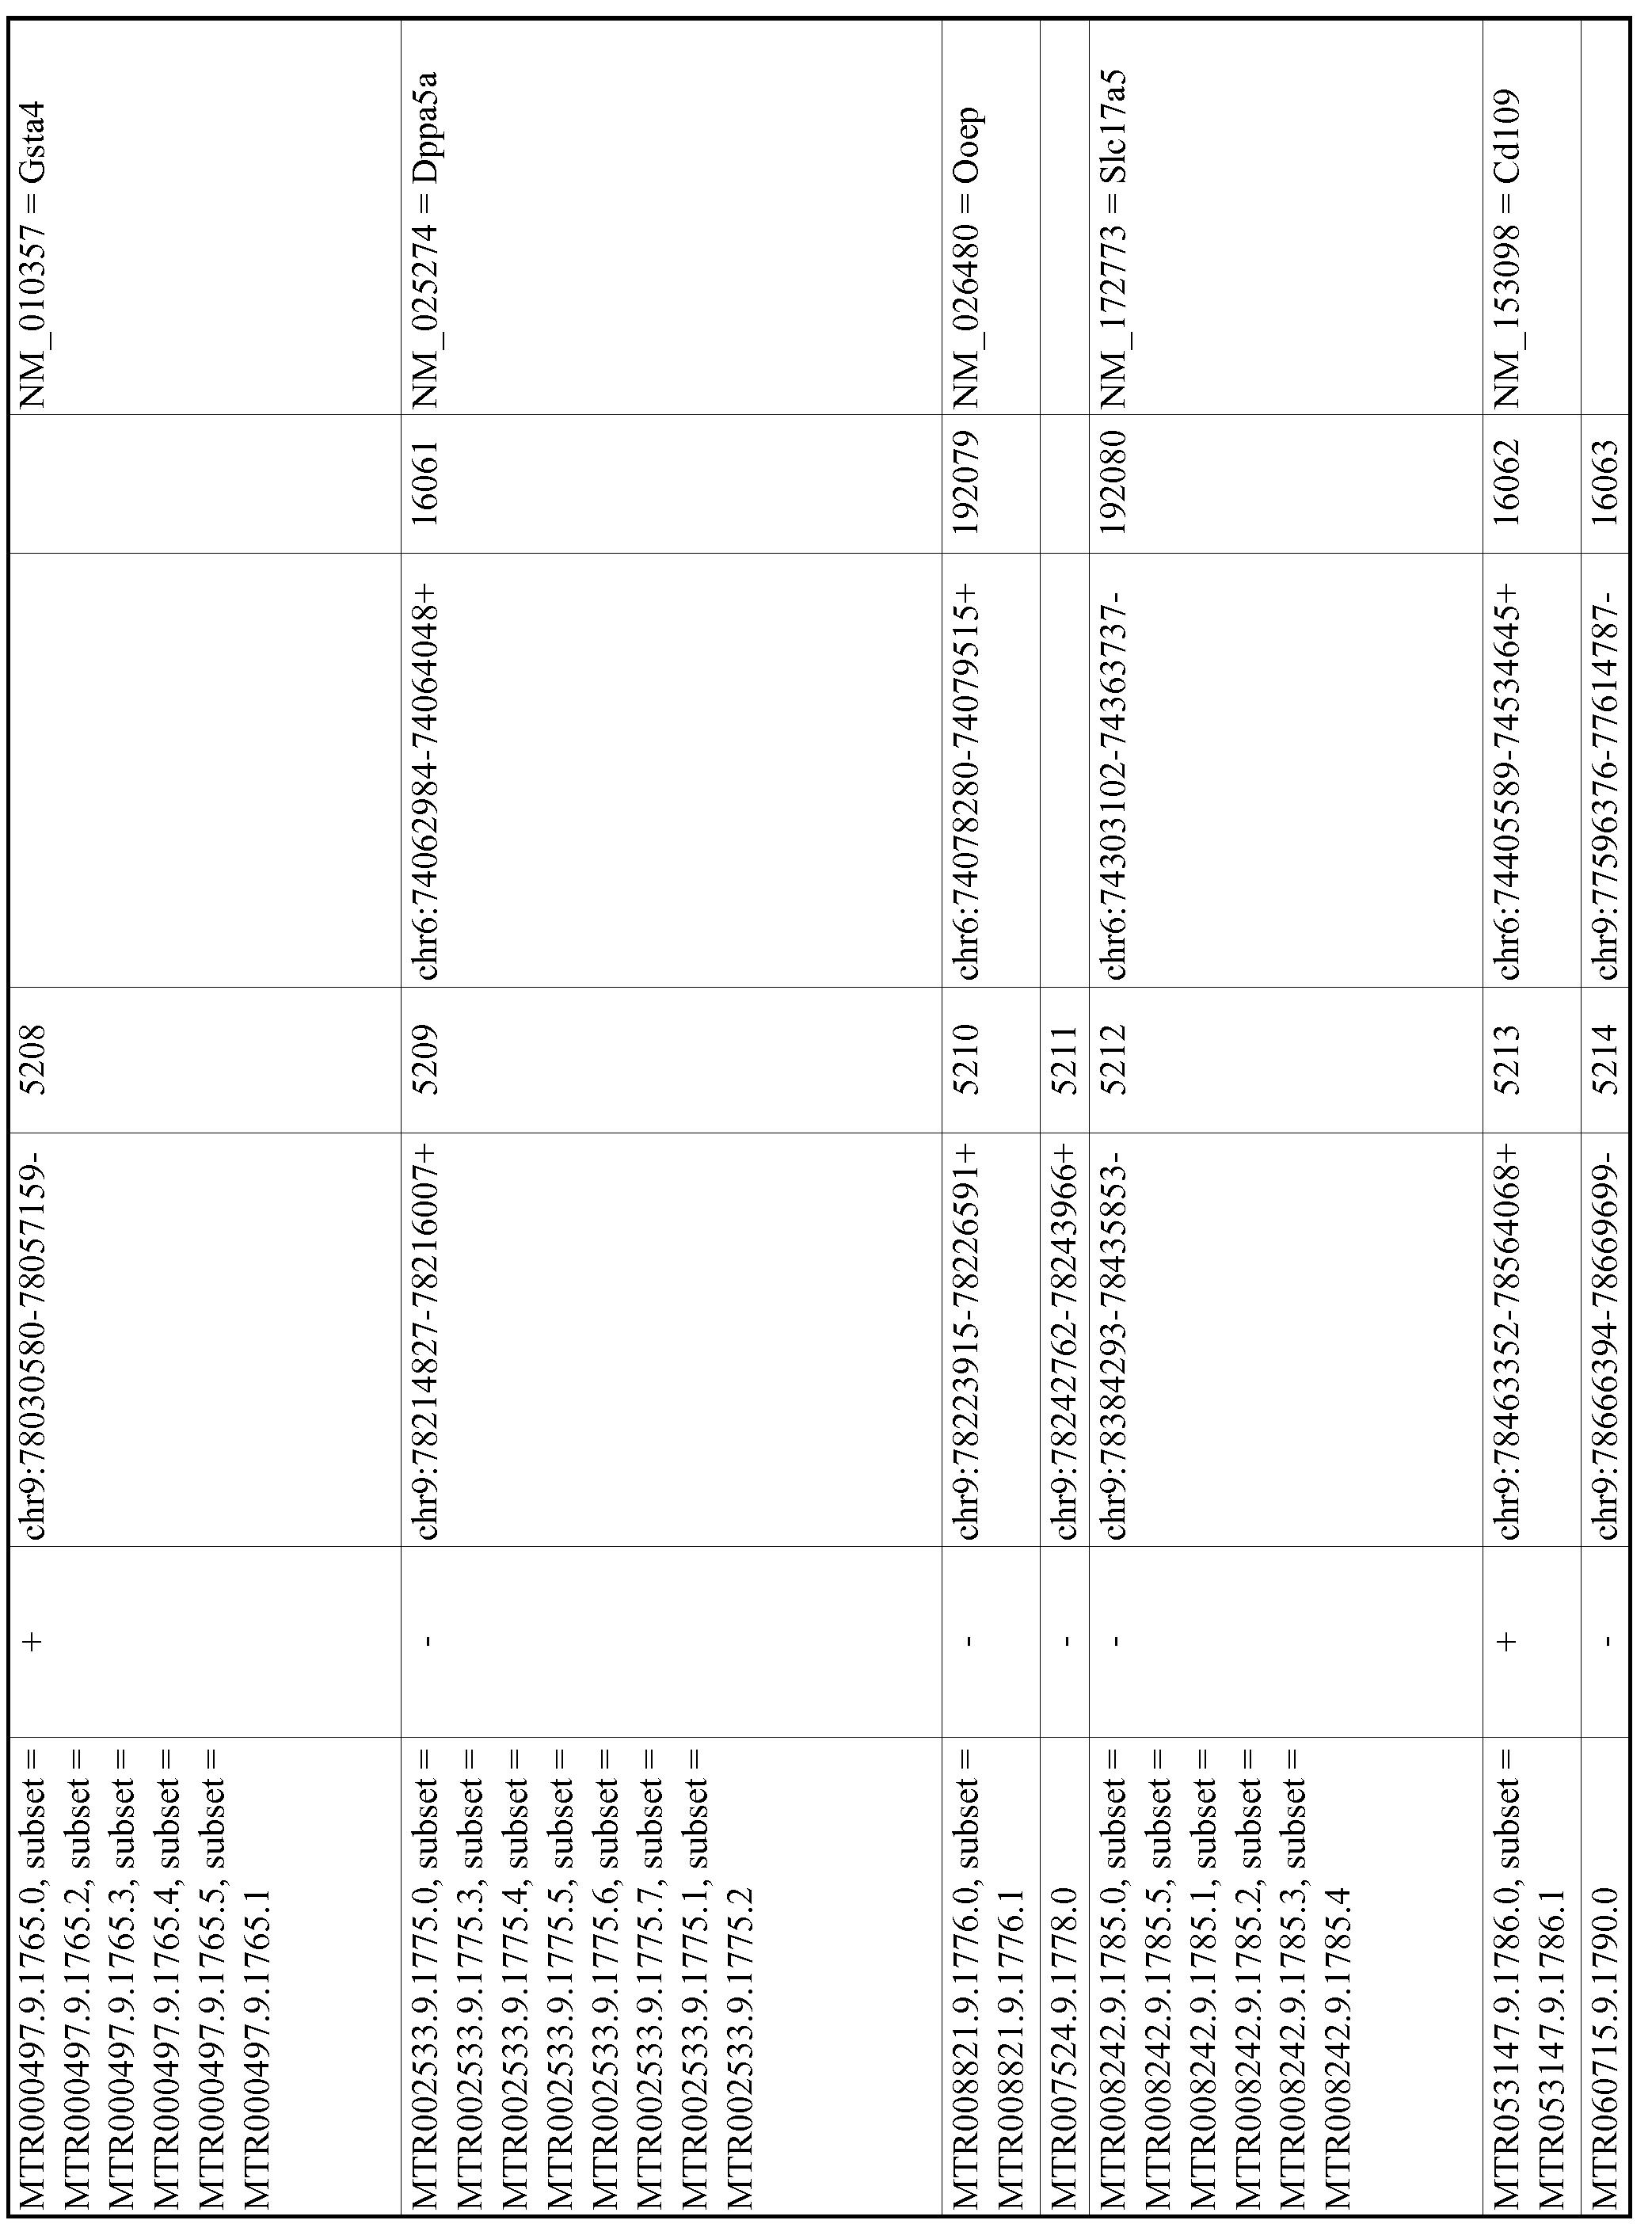 Figure imgf000946_0001